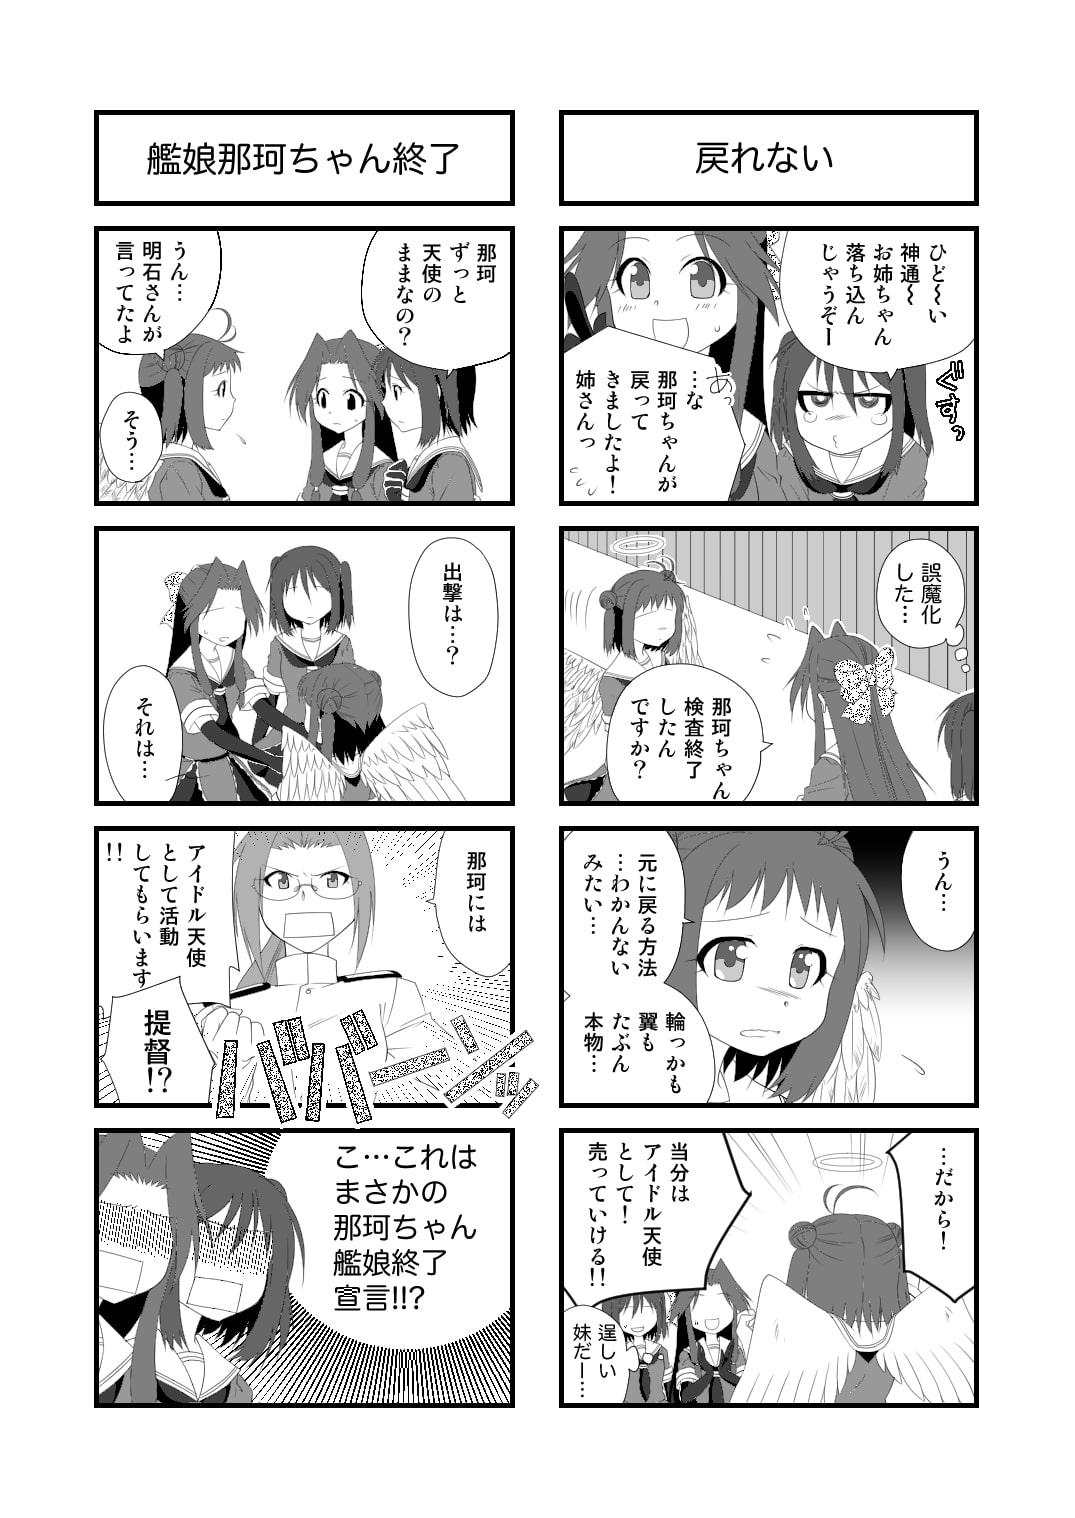 DLsite専売えんじぇりっく那珂ちゃん